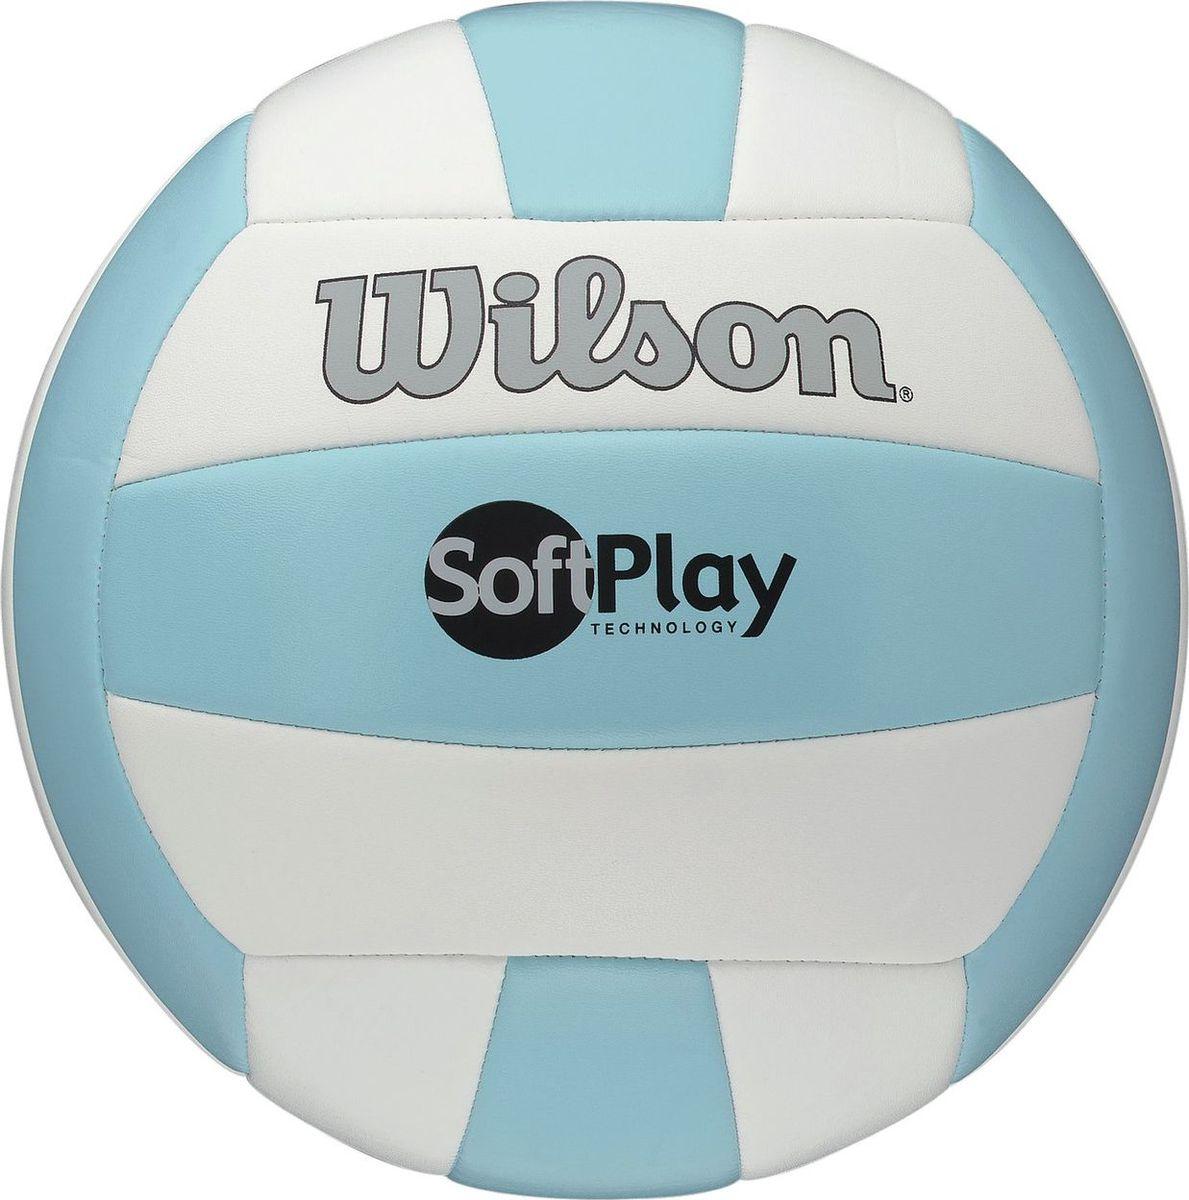 Мяч волейбольный Wilson Soft Play, цвет: красный, белыйWTH3501XBLUWHIМеханически сшитая мягкая констуркция мяча с синтетическим покрытием. Серебряный логотип Wilson, износоустойчивый.